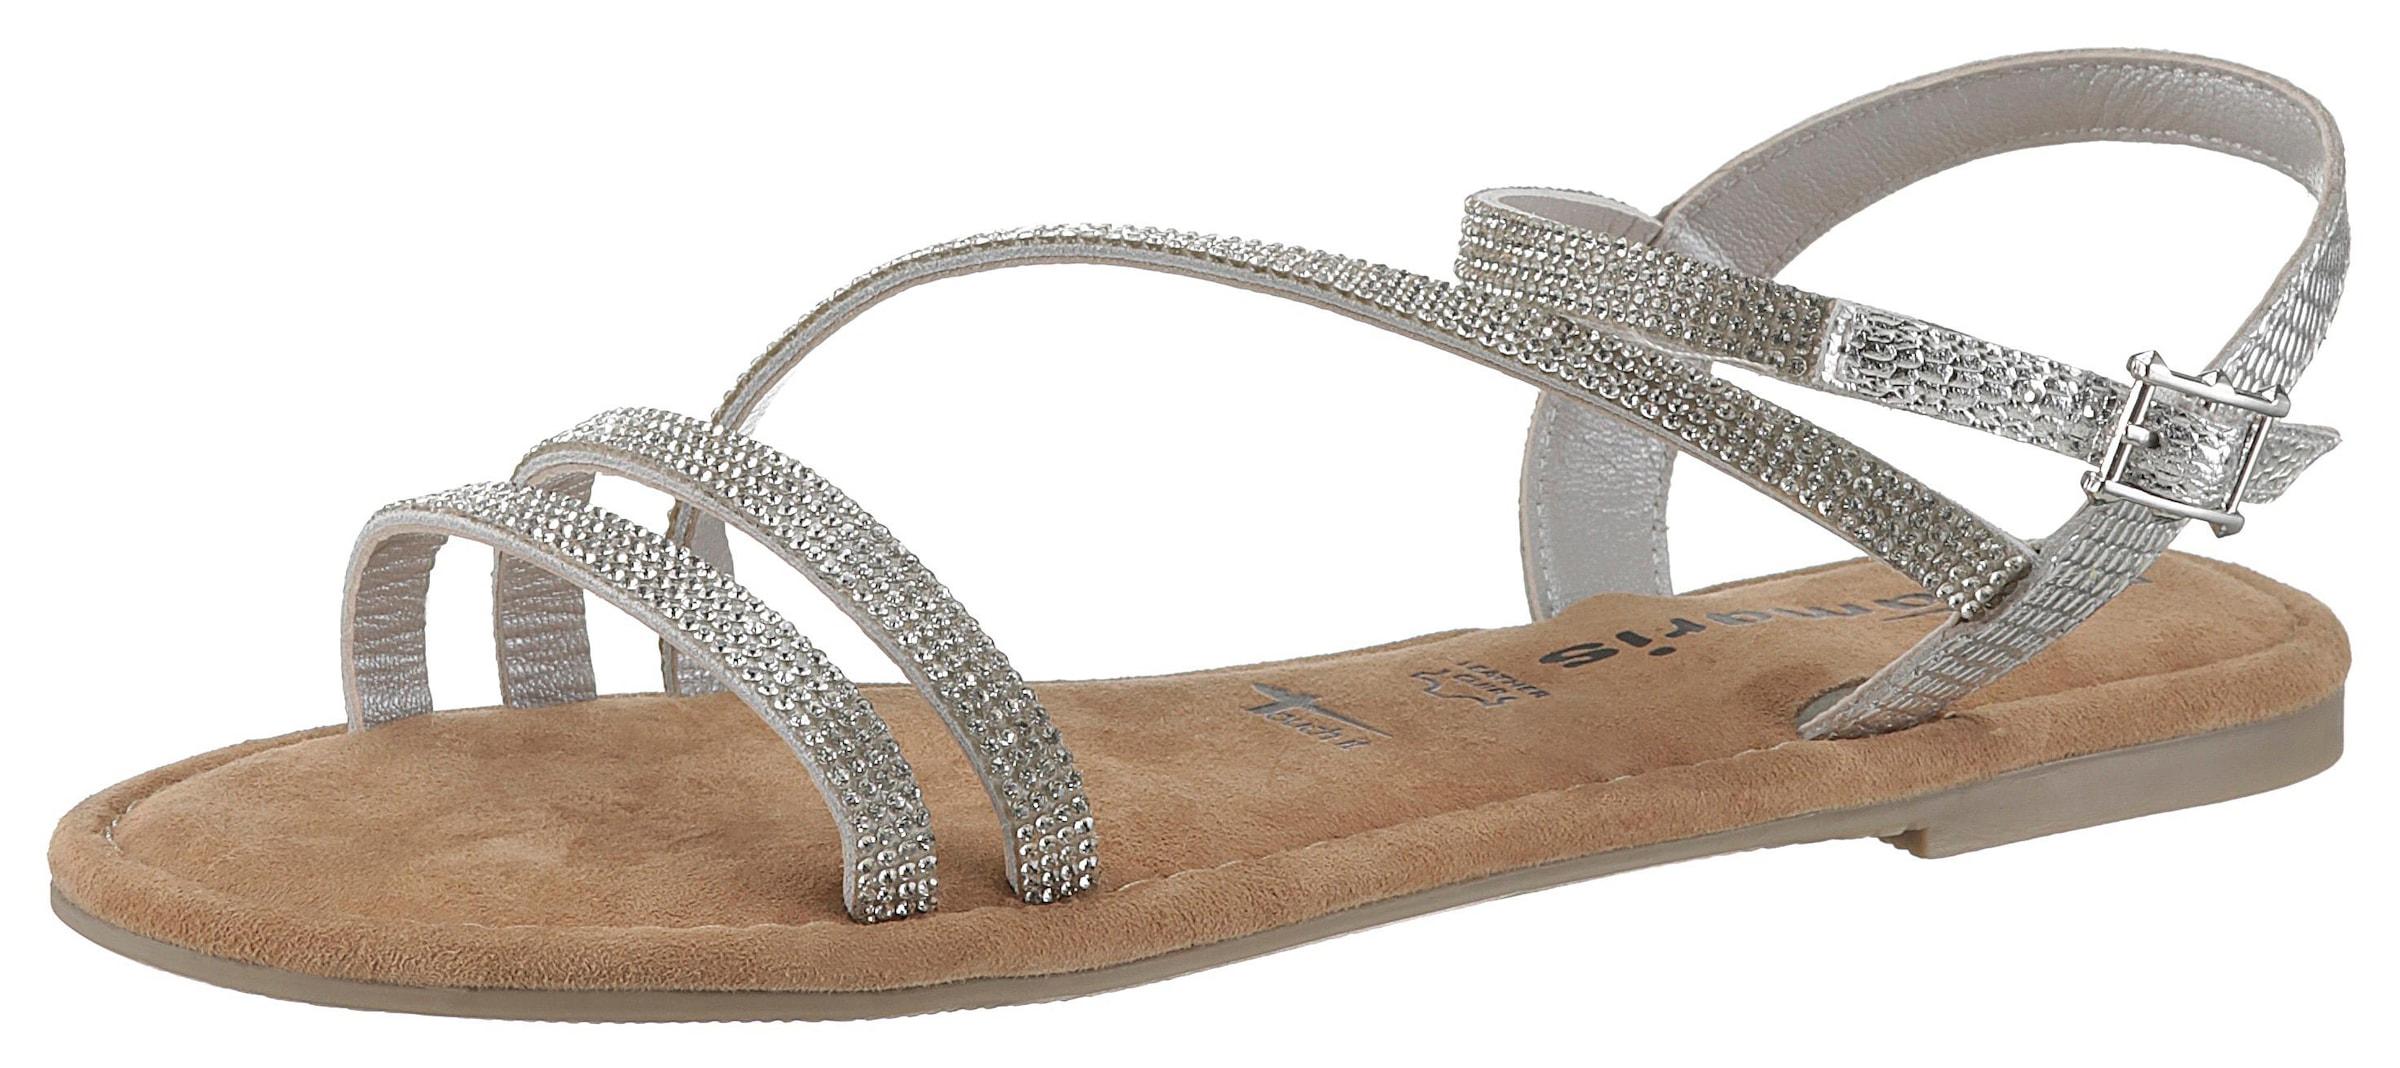 NEU TAMARIS Damenschuhe Schuhe Keil-Pantoletten Sandaletten Sandalen Pumps Clogs